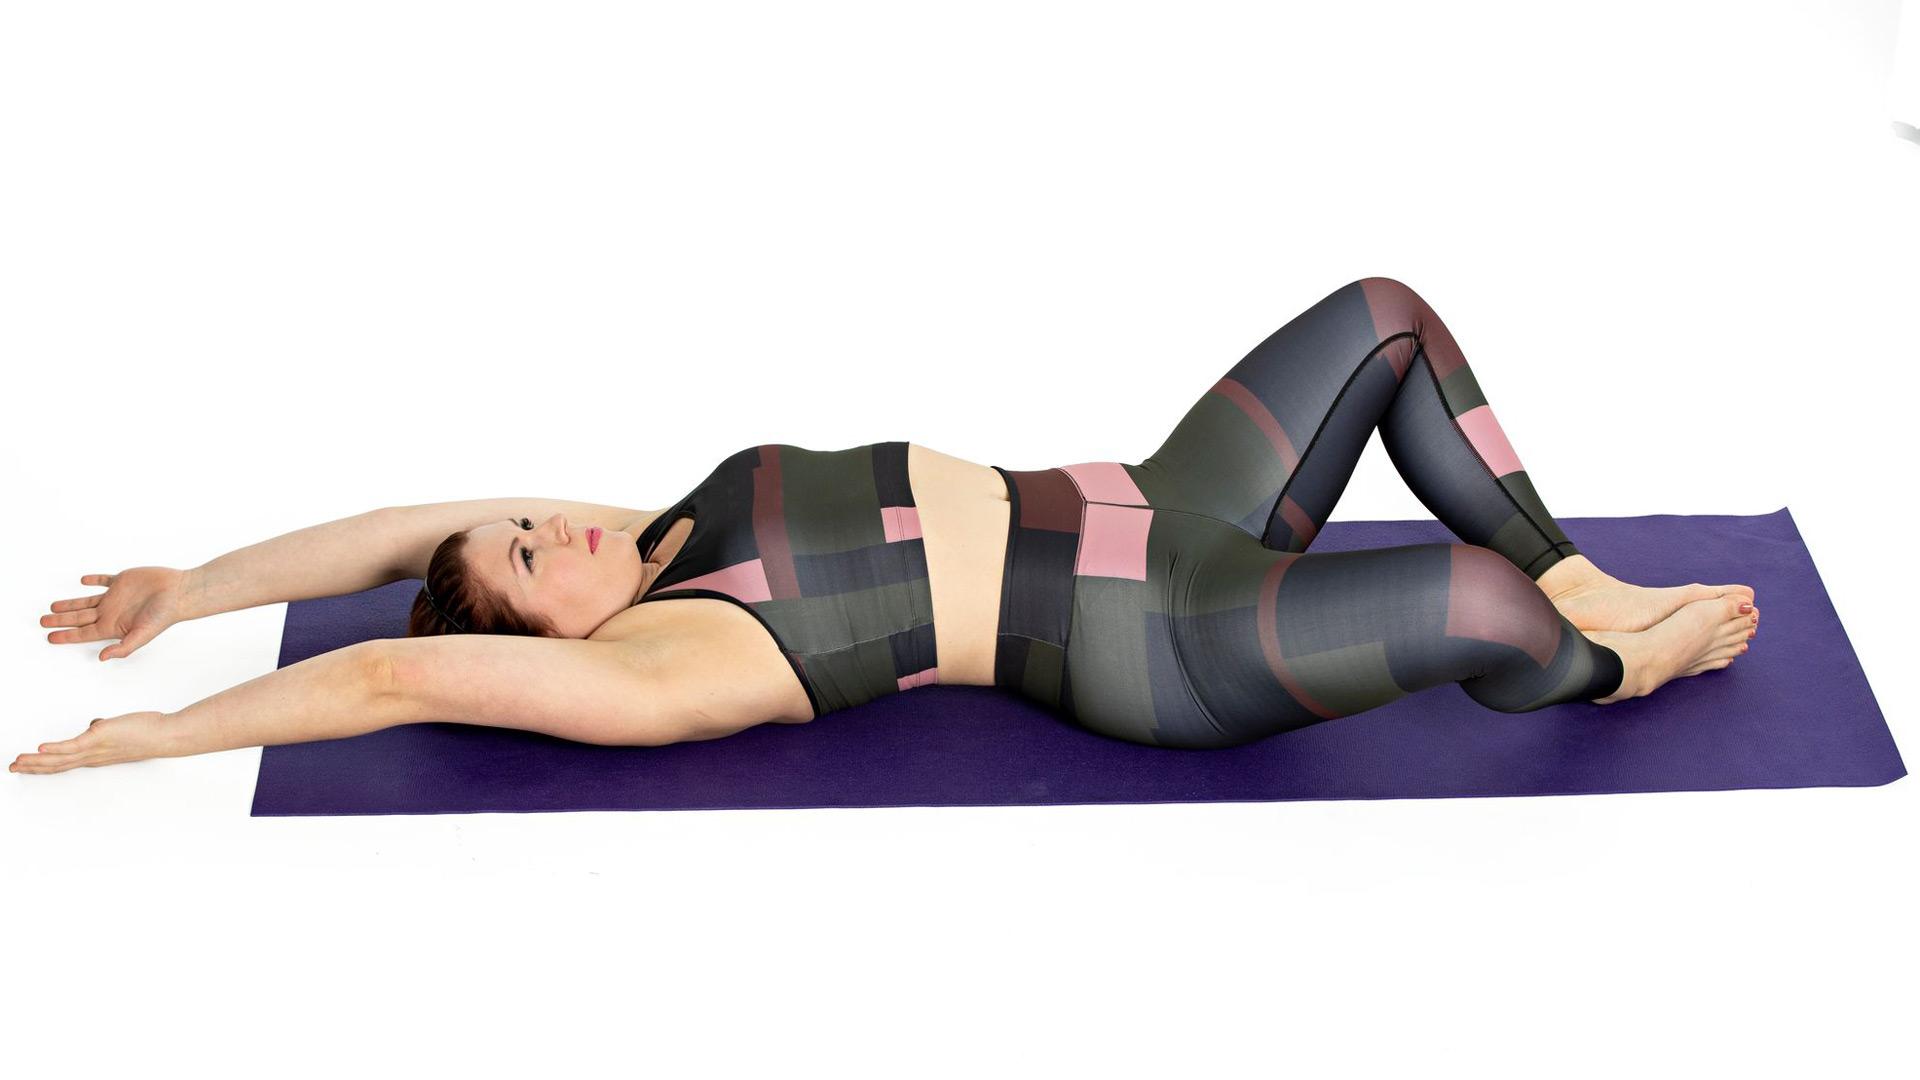 Liu'uta käsiä lattiaa pitkin pään yläpuolelle, anna vatsan pullistua ja rinnan kohota.